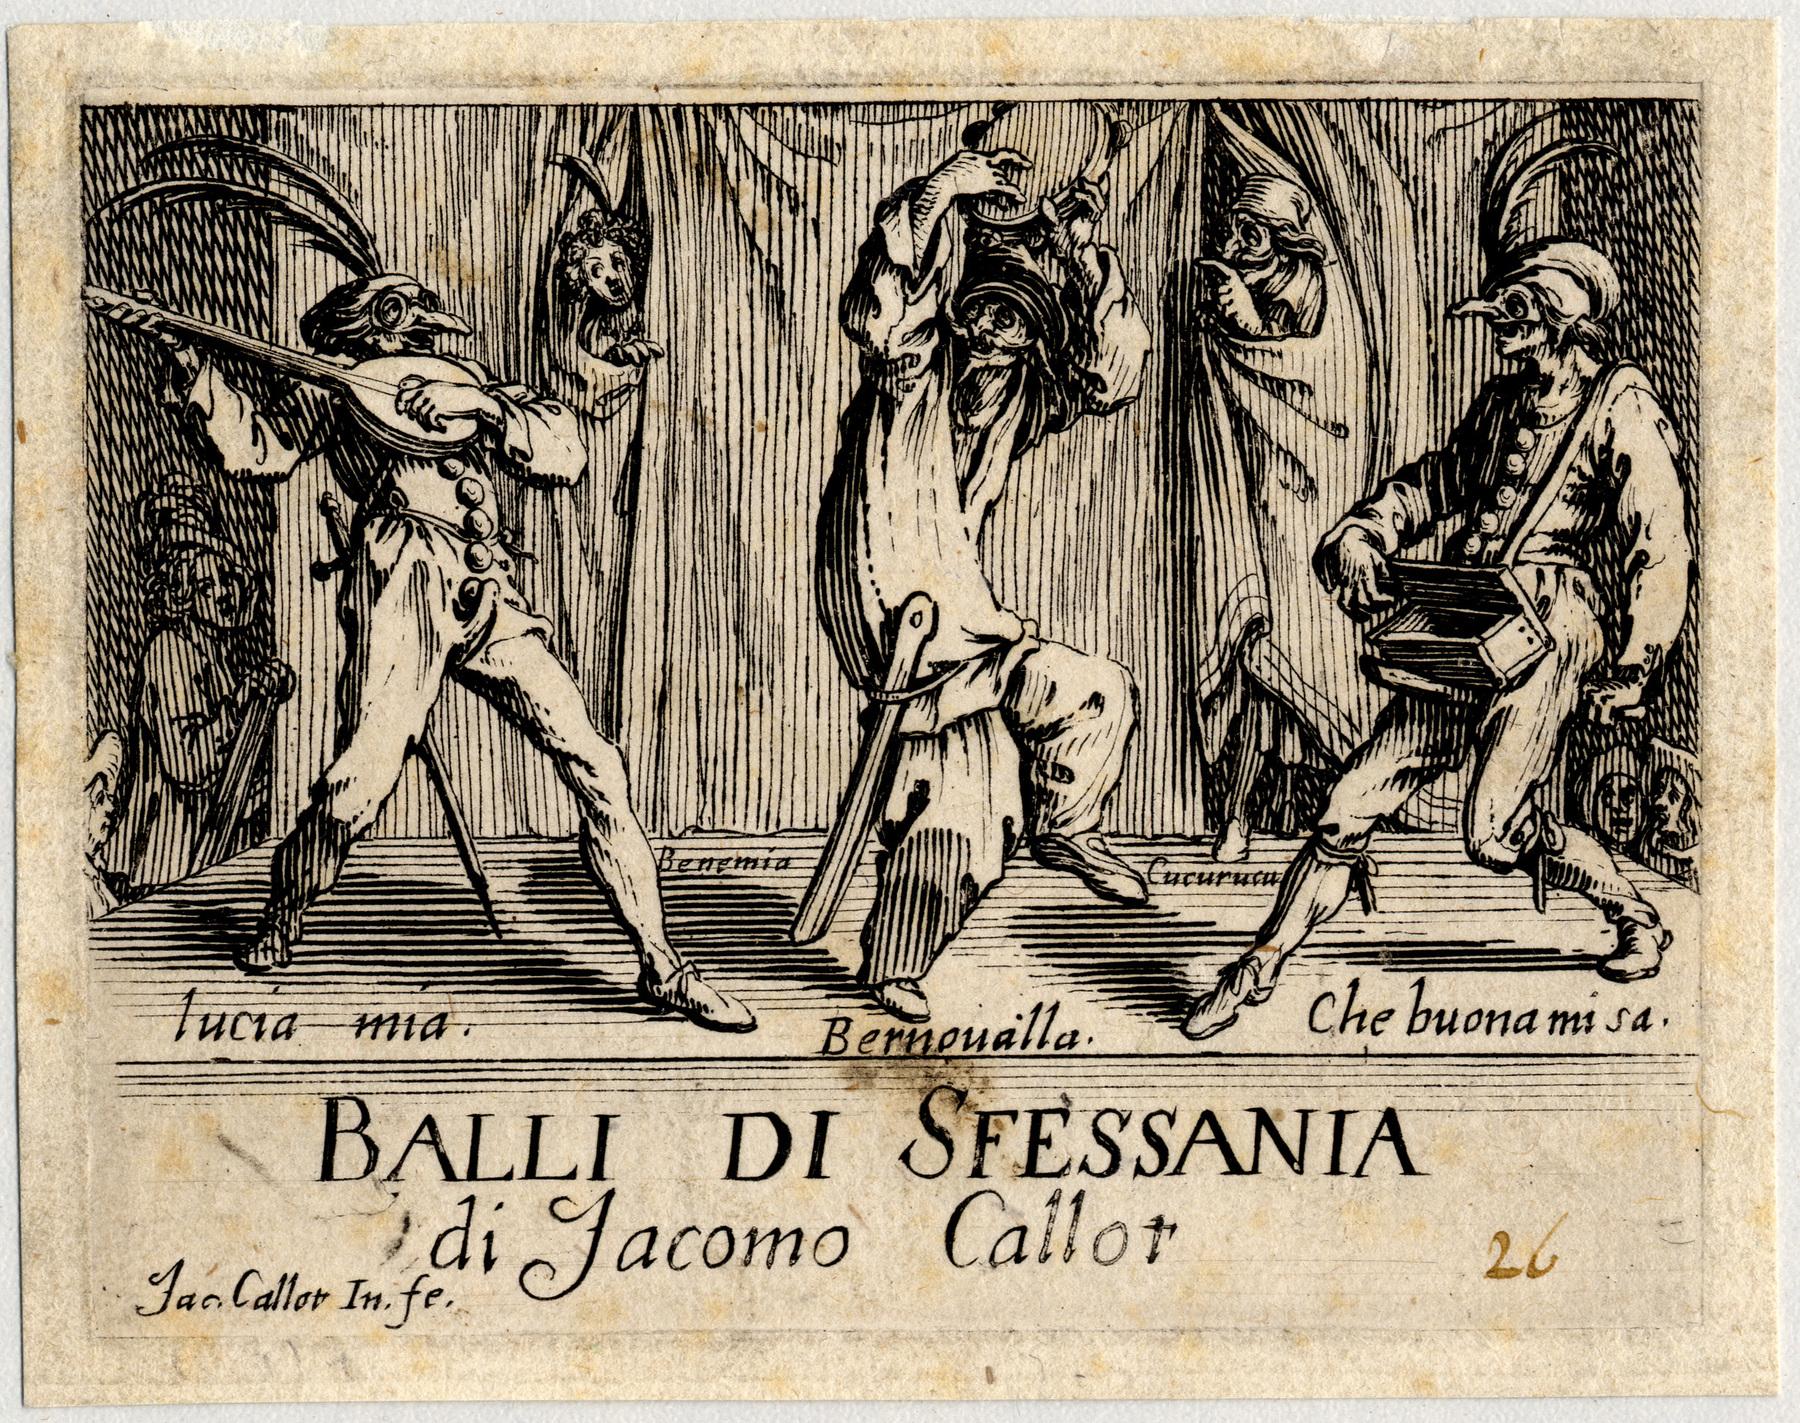 Contenu du Balli di Sfessania: Frontispice